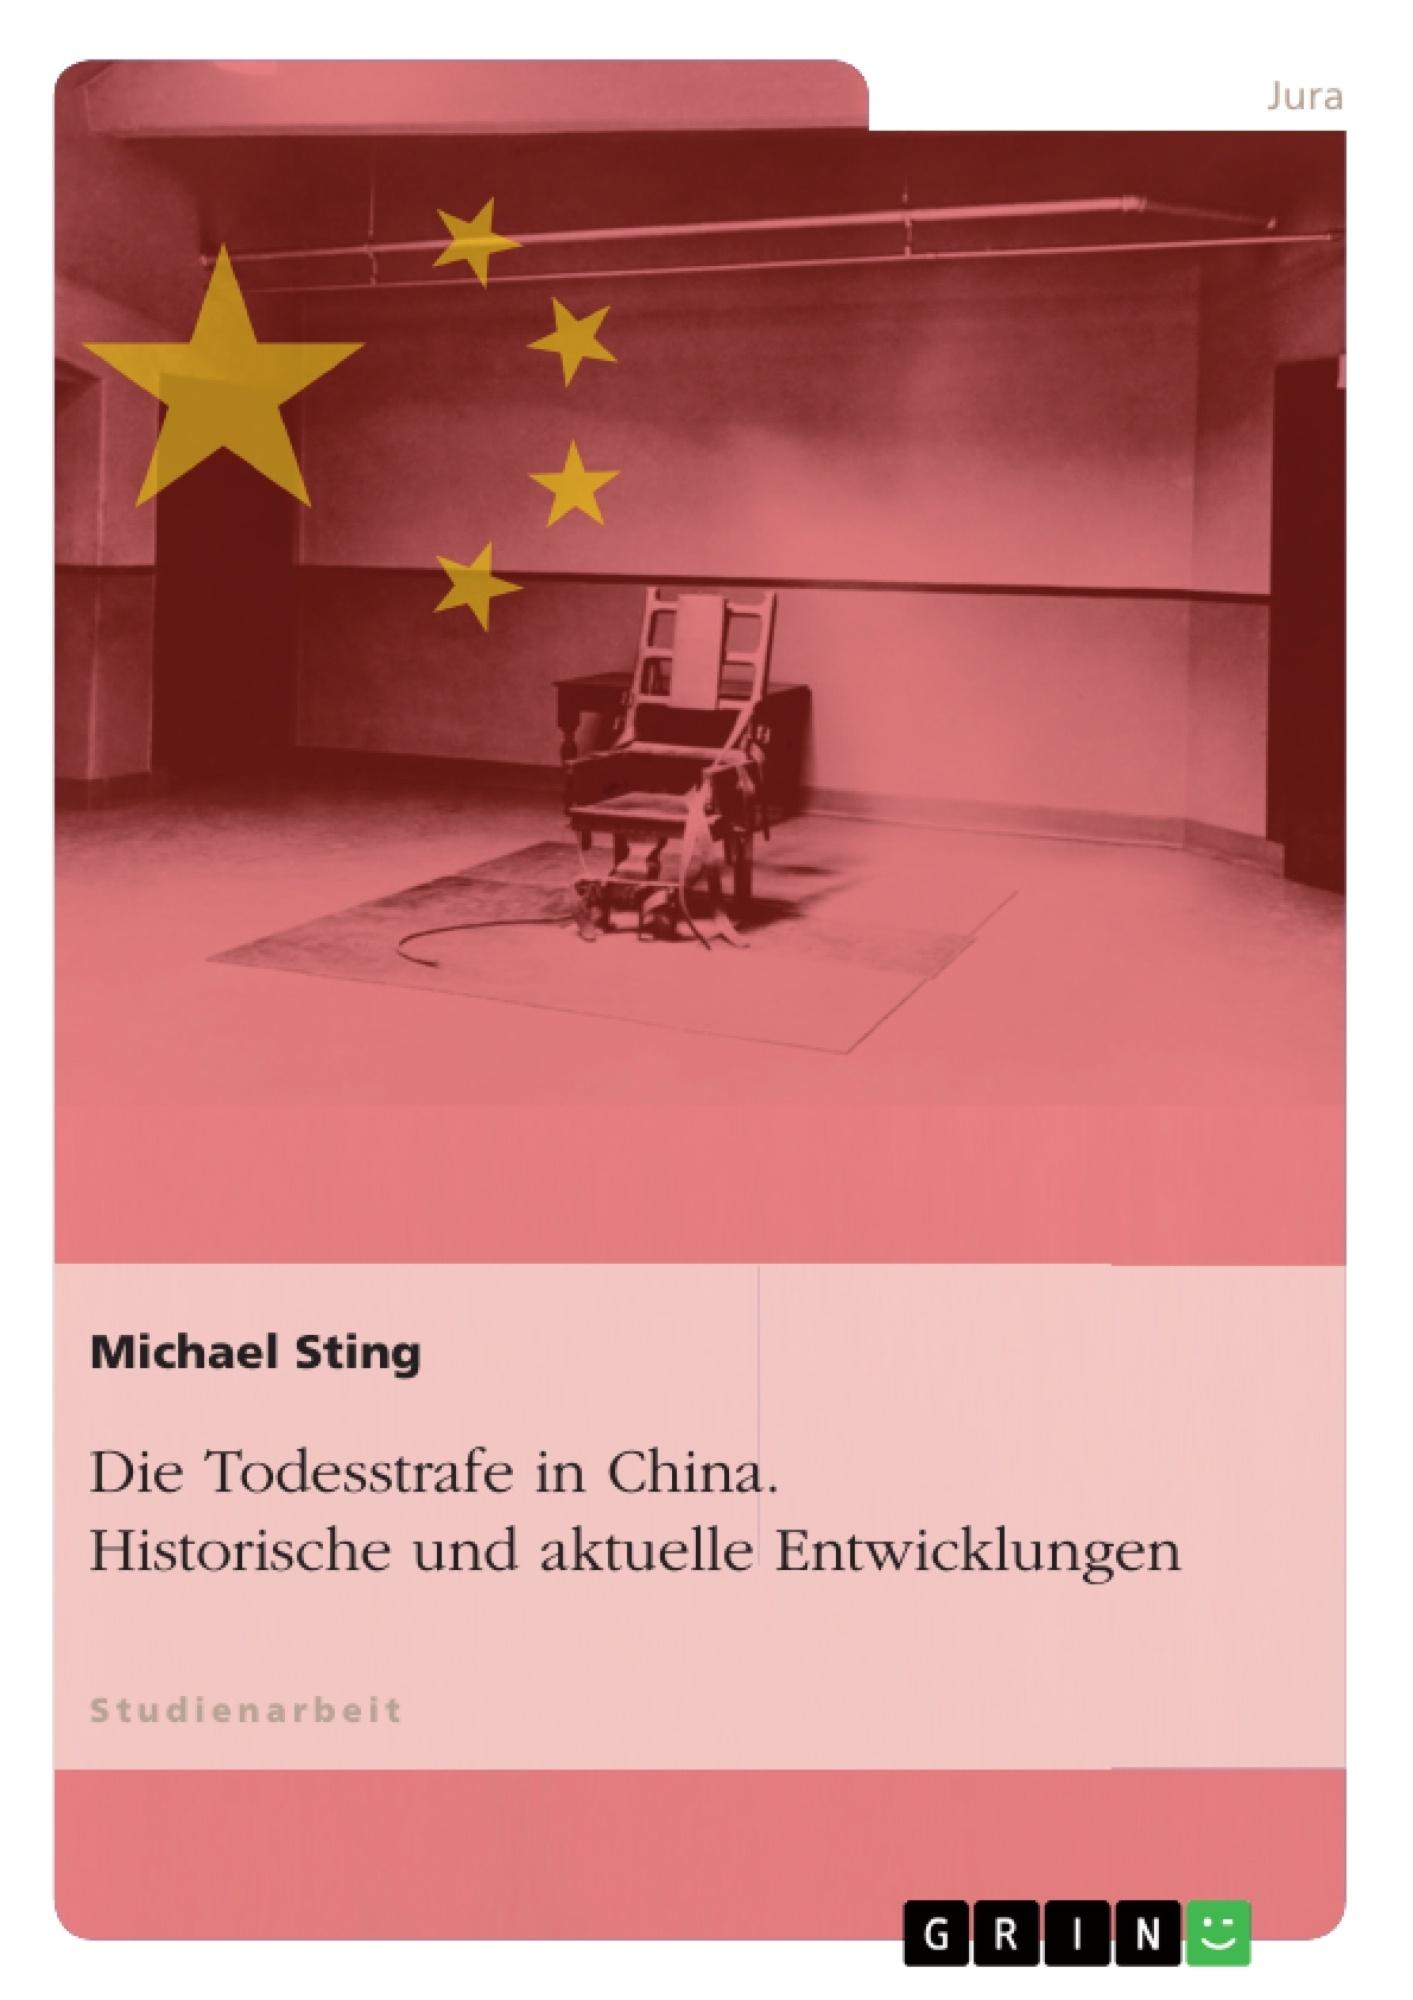 Titel: Die Todesstrafe in China. Historische und aktuelle Entwicklungen